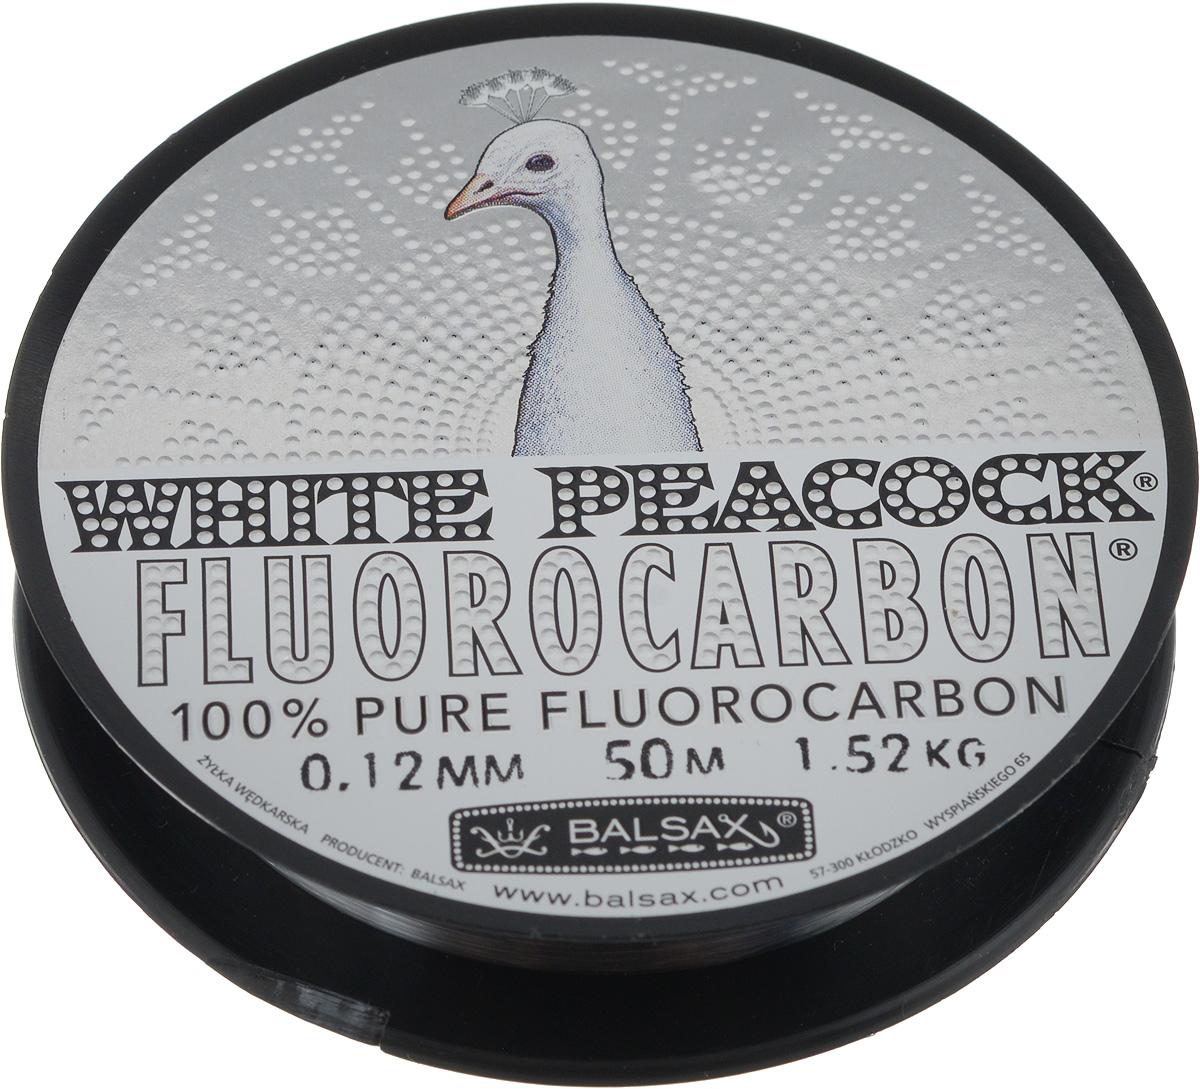 Леска флюорокарбоновая Balsax White Peacock, 50 м, 0,12 мм, 1,52 кг314-09012Флюорокарбоновая леска Balsax White Peacock становится абсолютно невидимой в воде. Обычные лески отражают световые лучи, поэтому рыбы их обнаруживают. Флюорокарбон имеет приближенный к воде коэффициент преломления, поэтому пропускает сквозь себя свет, не давая отражений. Рыбы не видят флюорокарбон. Многие рыболовы во всем мире используют подобные лески в качестве поводковых, благодаря чему получают более лучшие результаты. Флюорокарбон на 50% тяжелее обычных лесок и на 78% тяжелее воды. Понятно, почему этот материал используется для рыболовных лесок, он тонет очень быстро. Флюорокарбон не впитывает воду даже через 100 часов нахождения в ней. Обычные лески впитывают до 10% воды в течение 24 часов, что приводит к потере 5 - 10% прочности. Сопротивляемость флюорокарбона к истиранию значительно больше, чем у обычных лесок. Он выдерживает температуры от -40°C до +160°C.